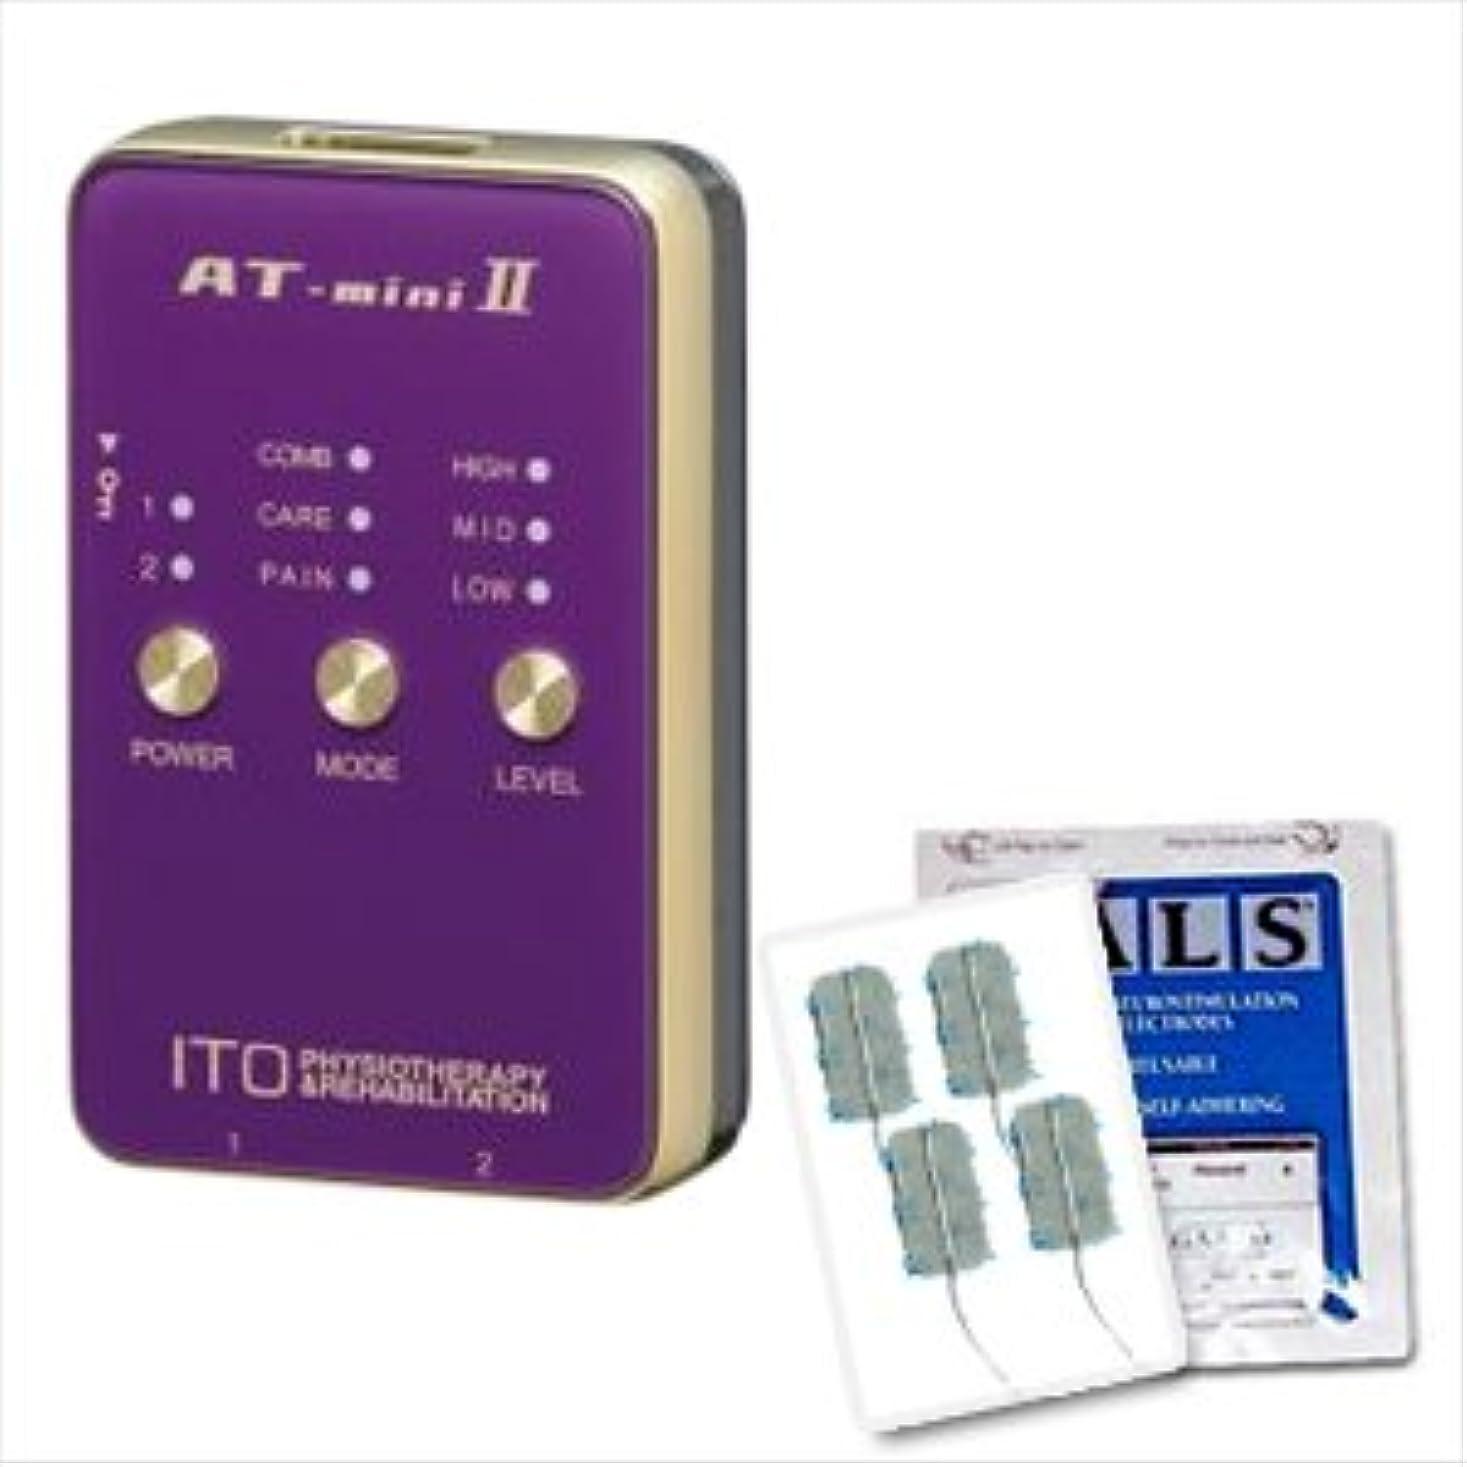 オーストラリア人従順現像低周波治療器 AT-mini II パープル +アクセルガードLサイズ(5x9cm:1袋4枚入)セット